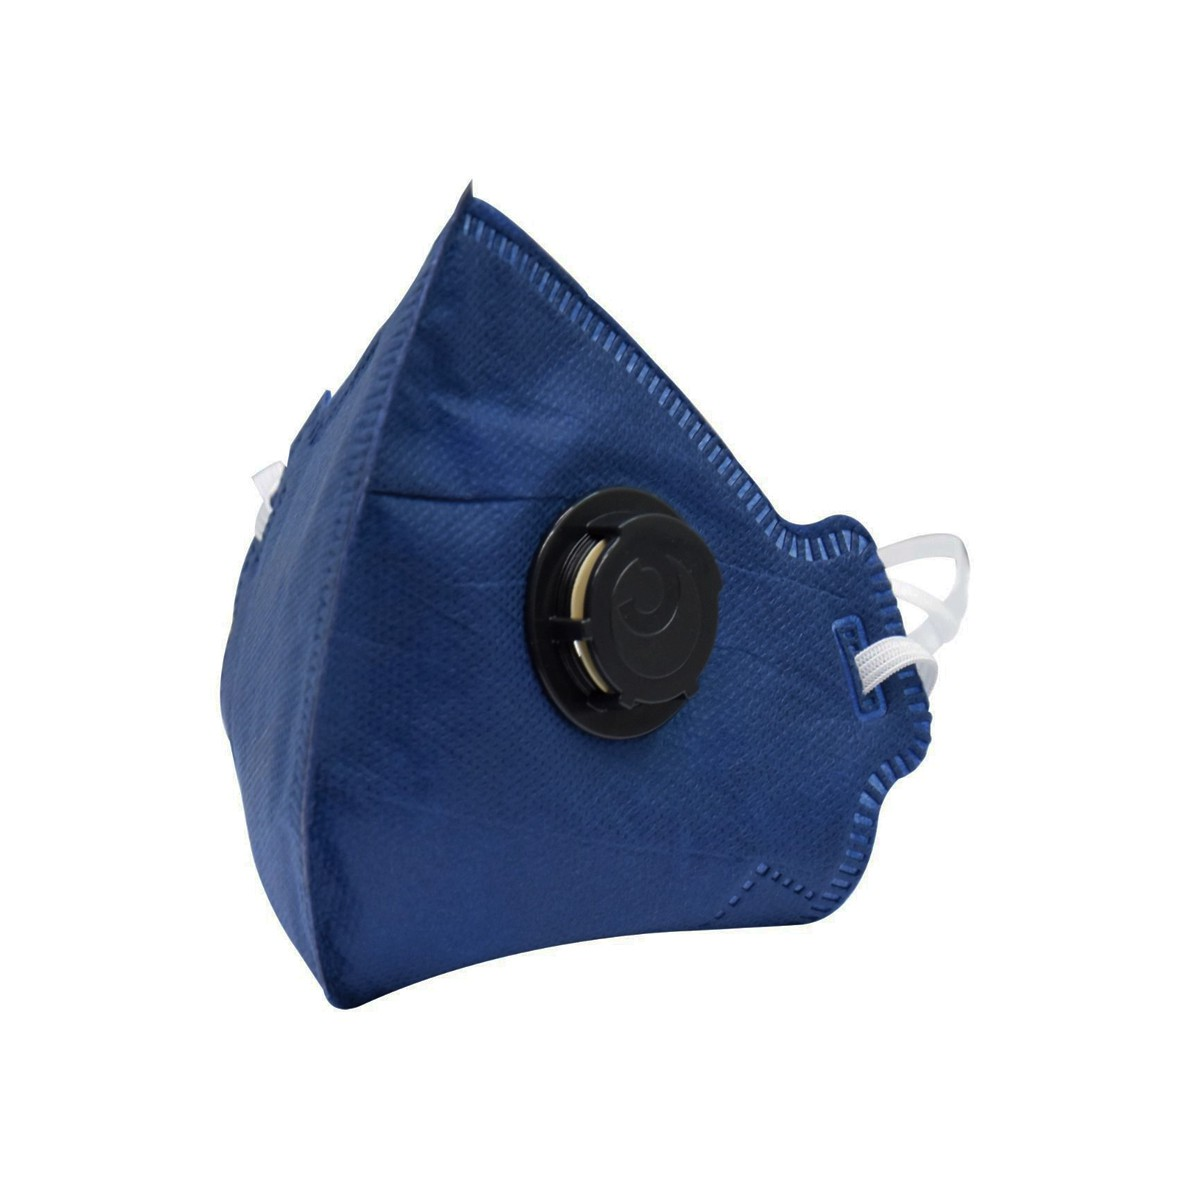 Kit Máscara Descartável Pff2 Com Válvula Camper (50 peças)